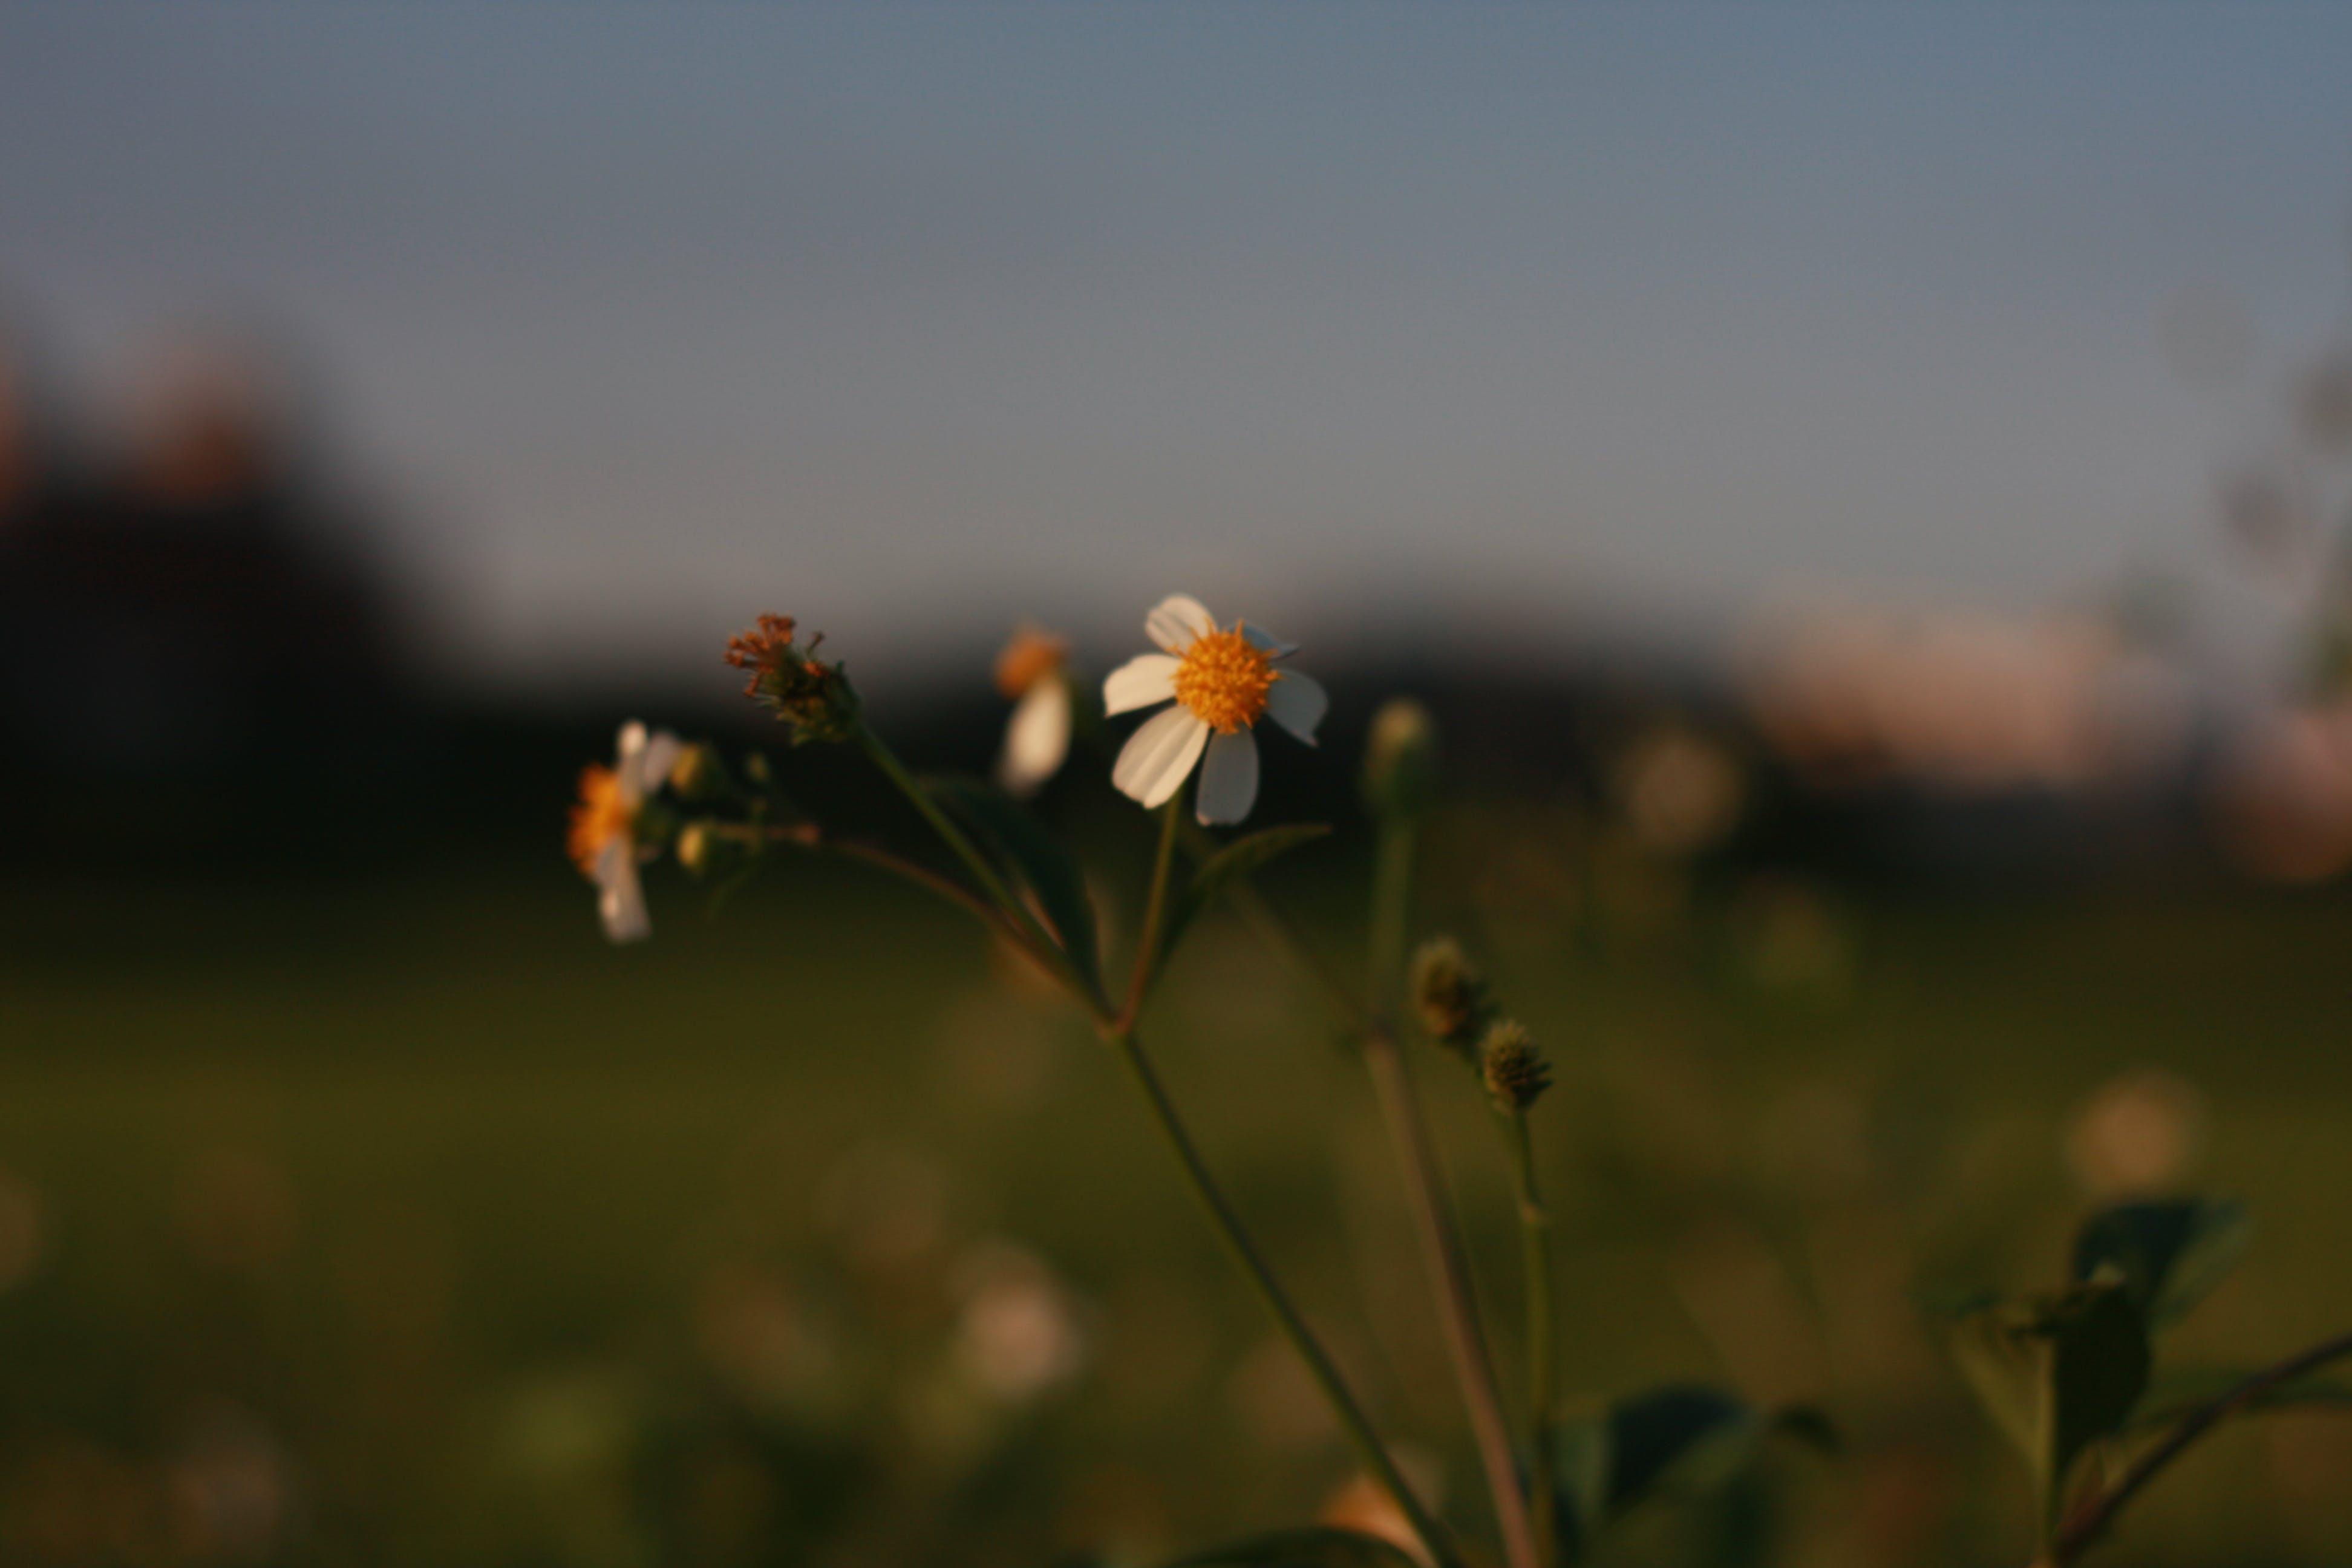 Δωρεάν στοκ φωτογραφιών με τα λουλούδια σε πλήρη άνθιση